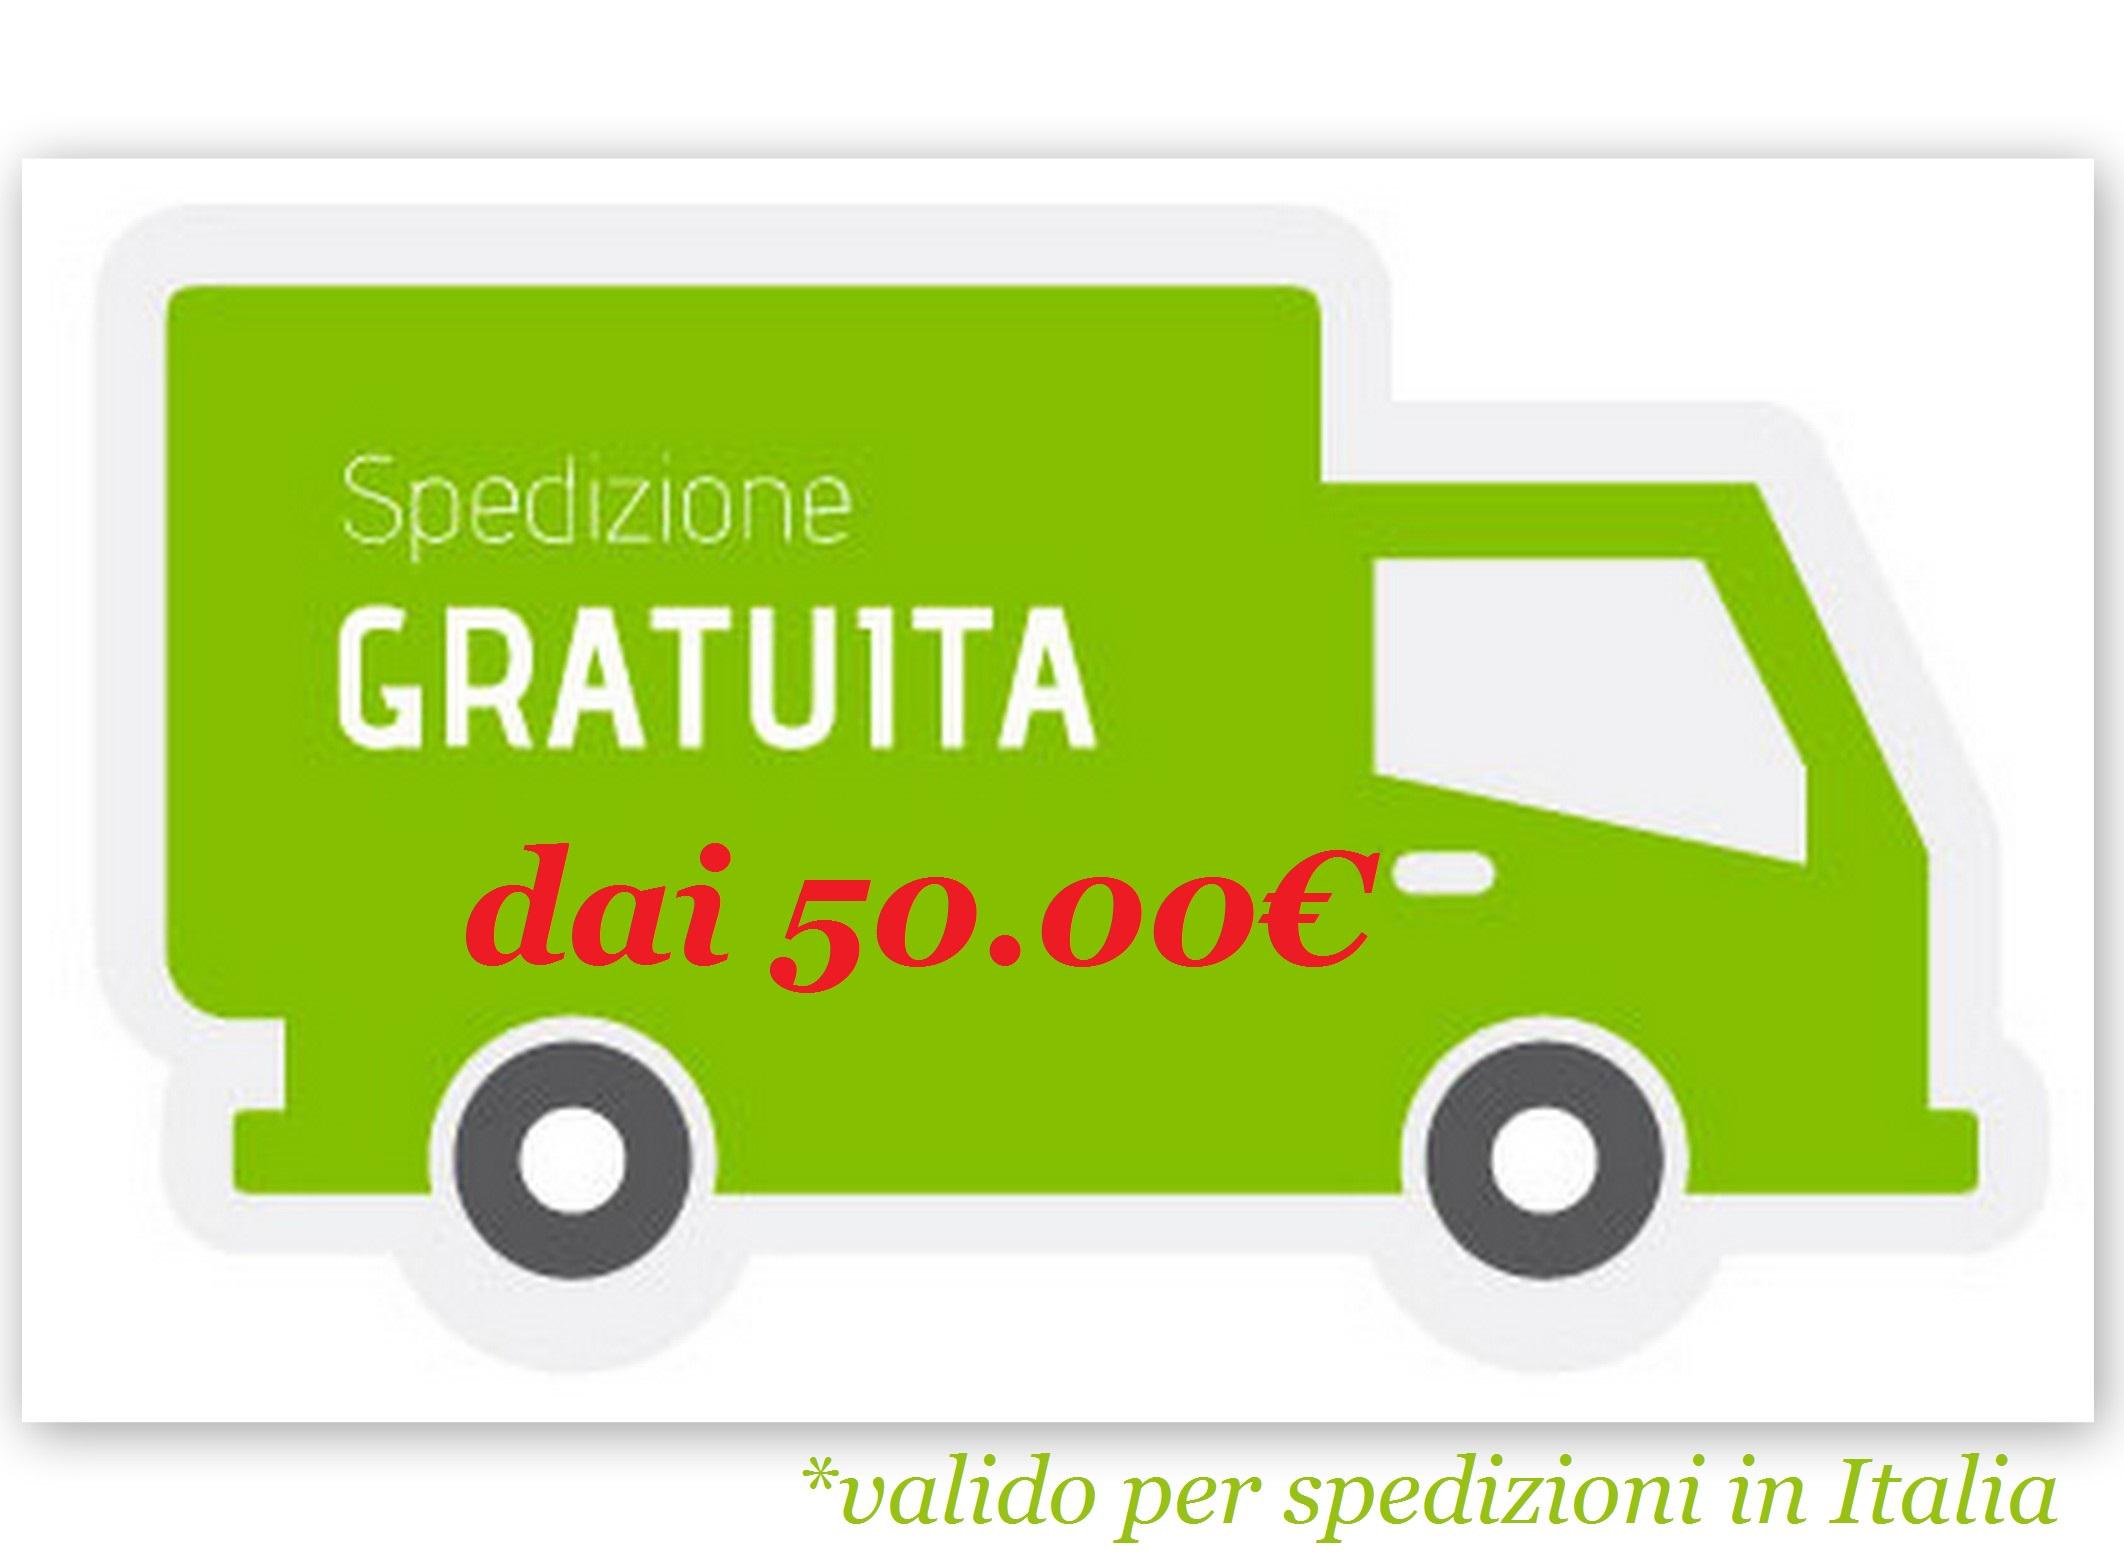 Spedizione Gratuita sopra 50 Euro